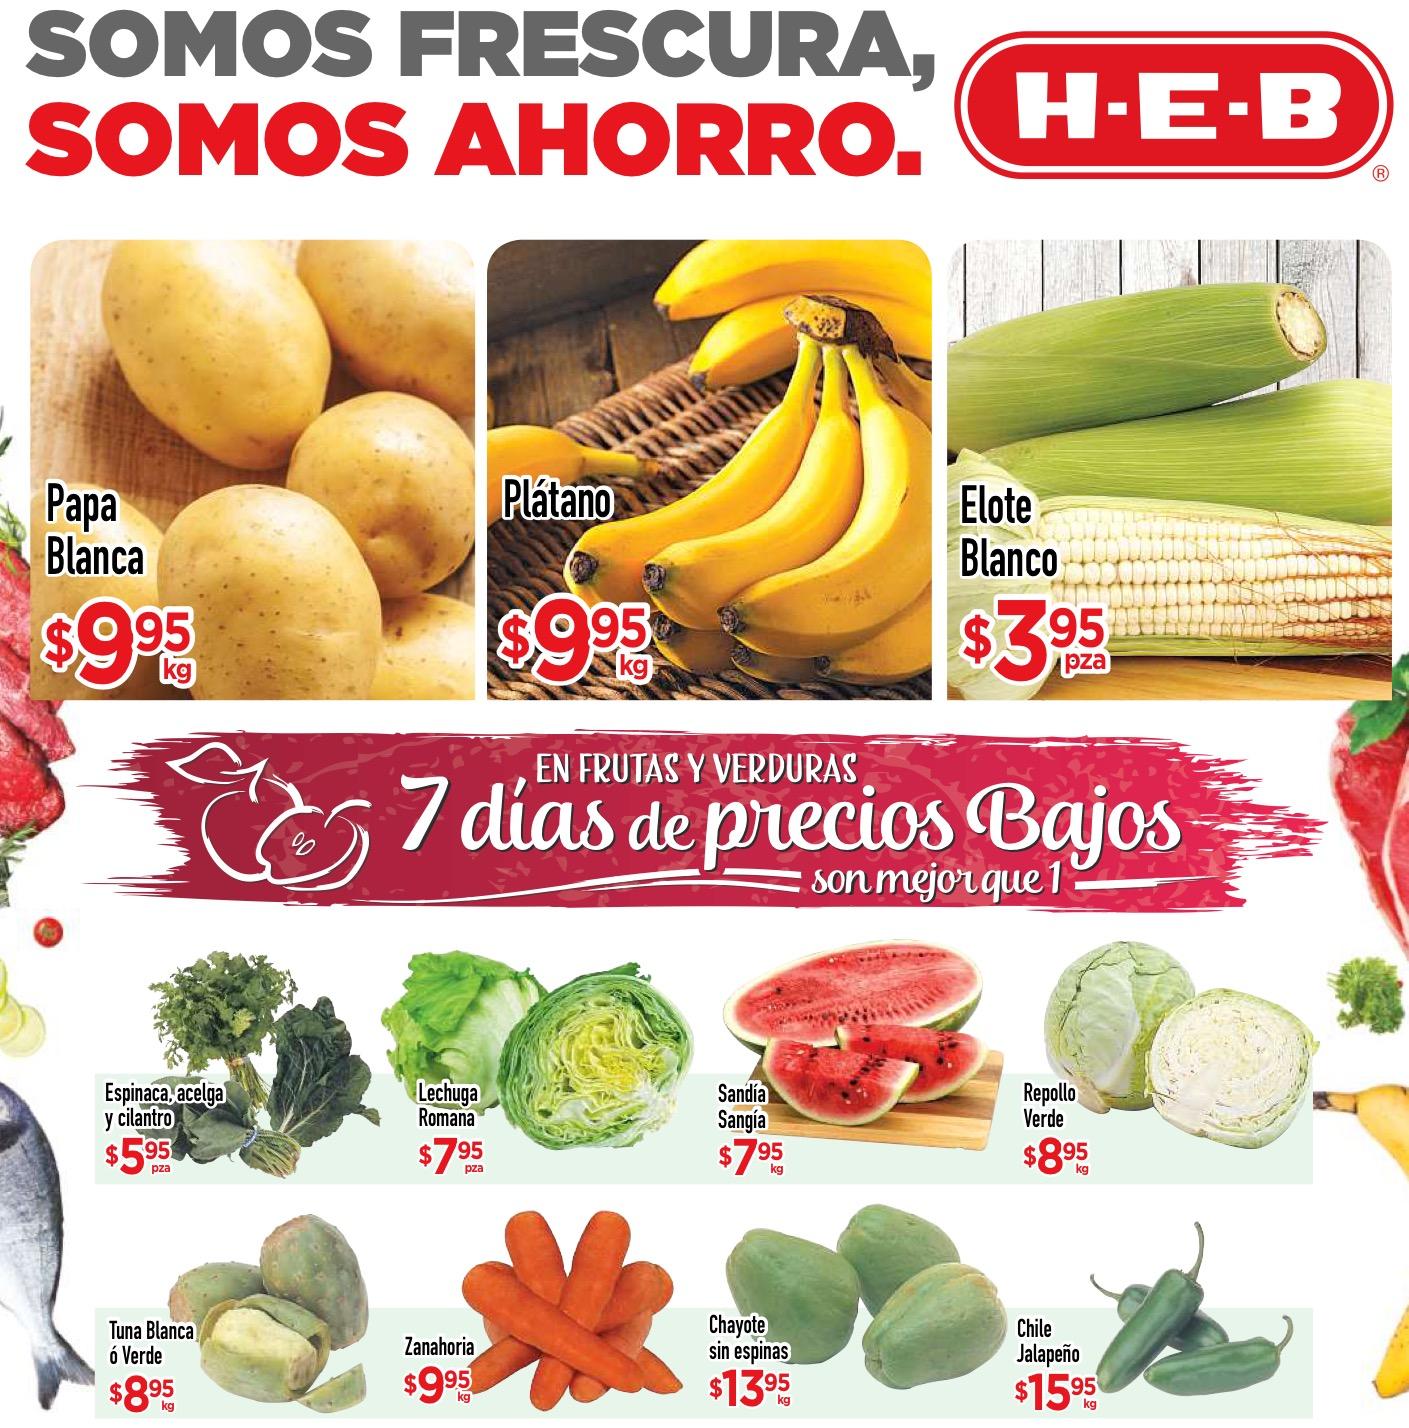 HEB: ofertas de frutas y verduras en HEB del 6 al 8 de septiembre